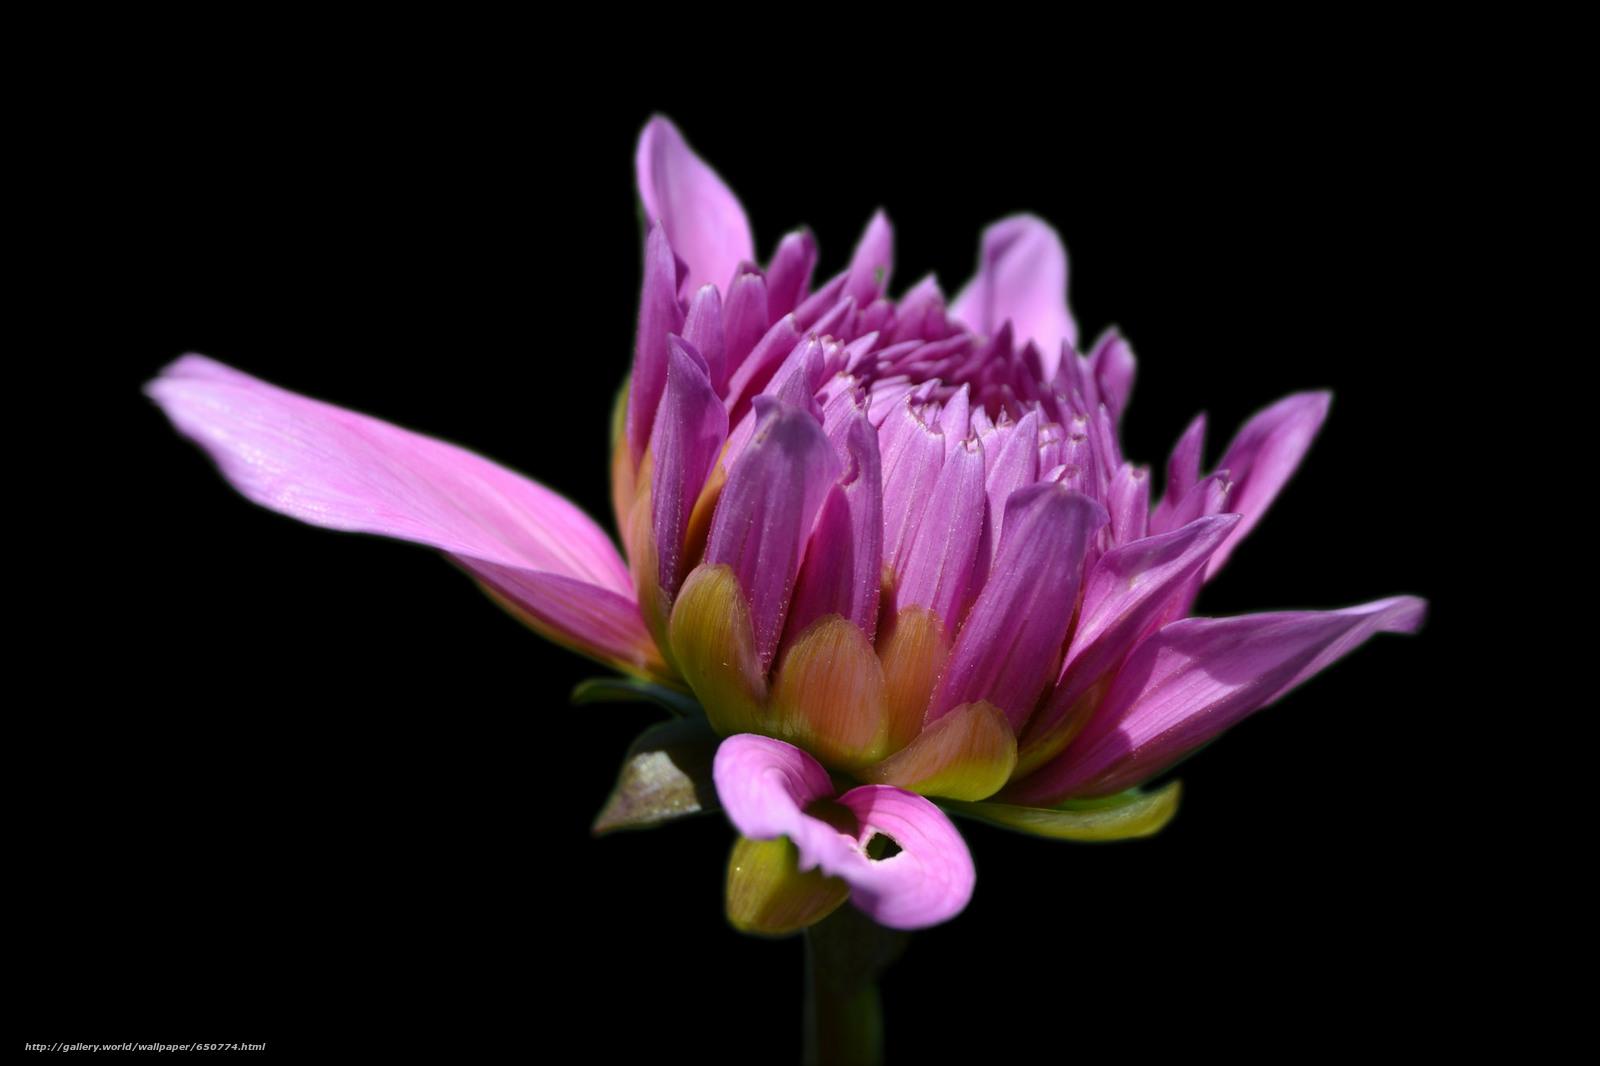 Скачать обои цветы,  цветок,  макро,  флора бесплатно для рабочего стола в разрешении 2048x1365 — картинка №650774